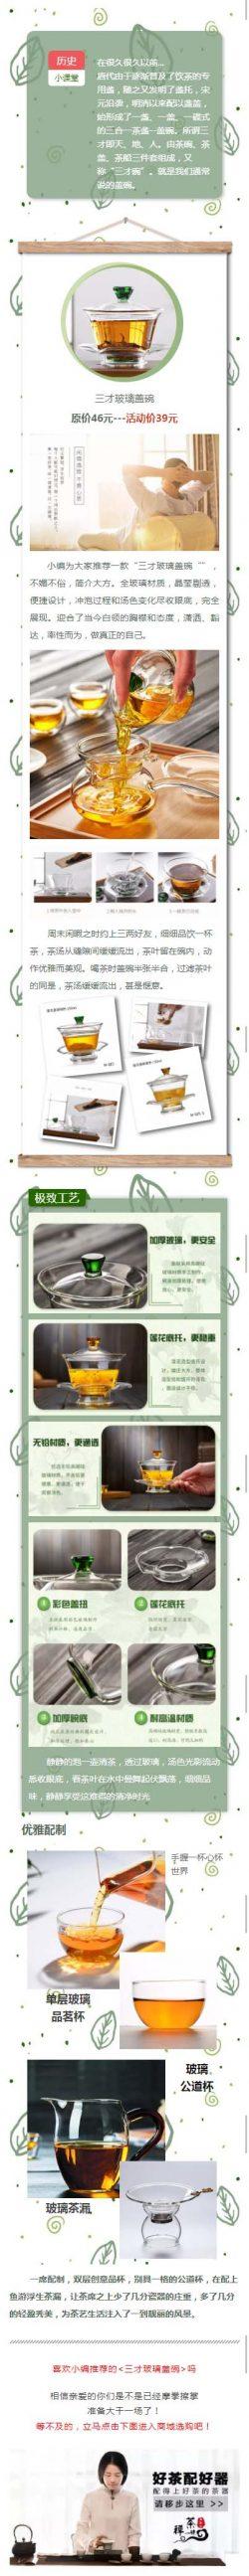 盖碗茶碗、茶盖、茶船中国风传统带背景图片文章模板